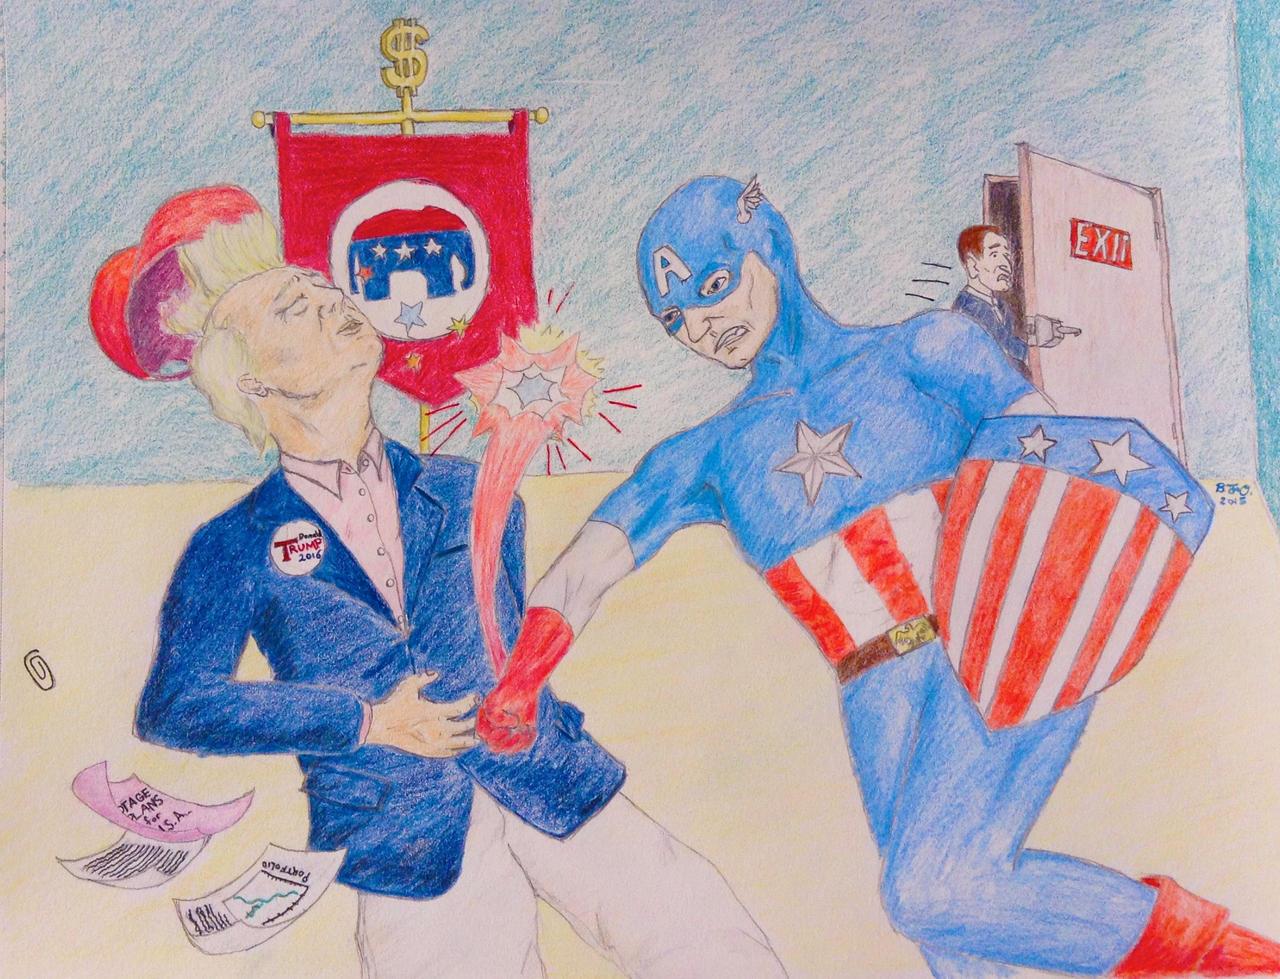 Captain America vs. Trump by BenjaminOssoff on DeviantArt